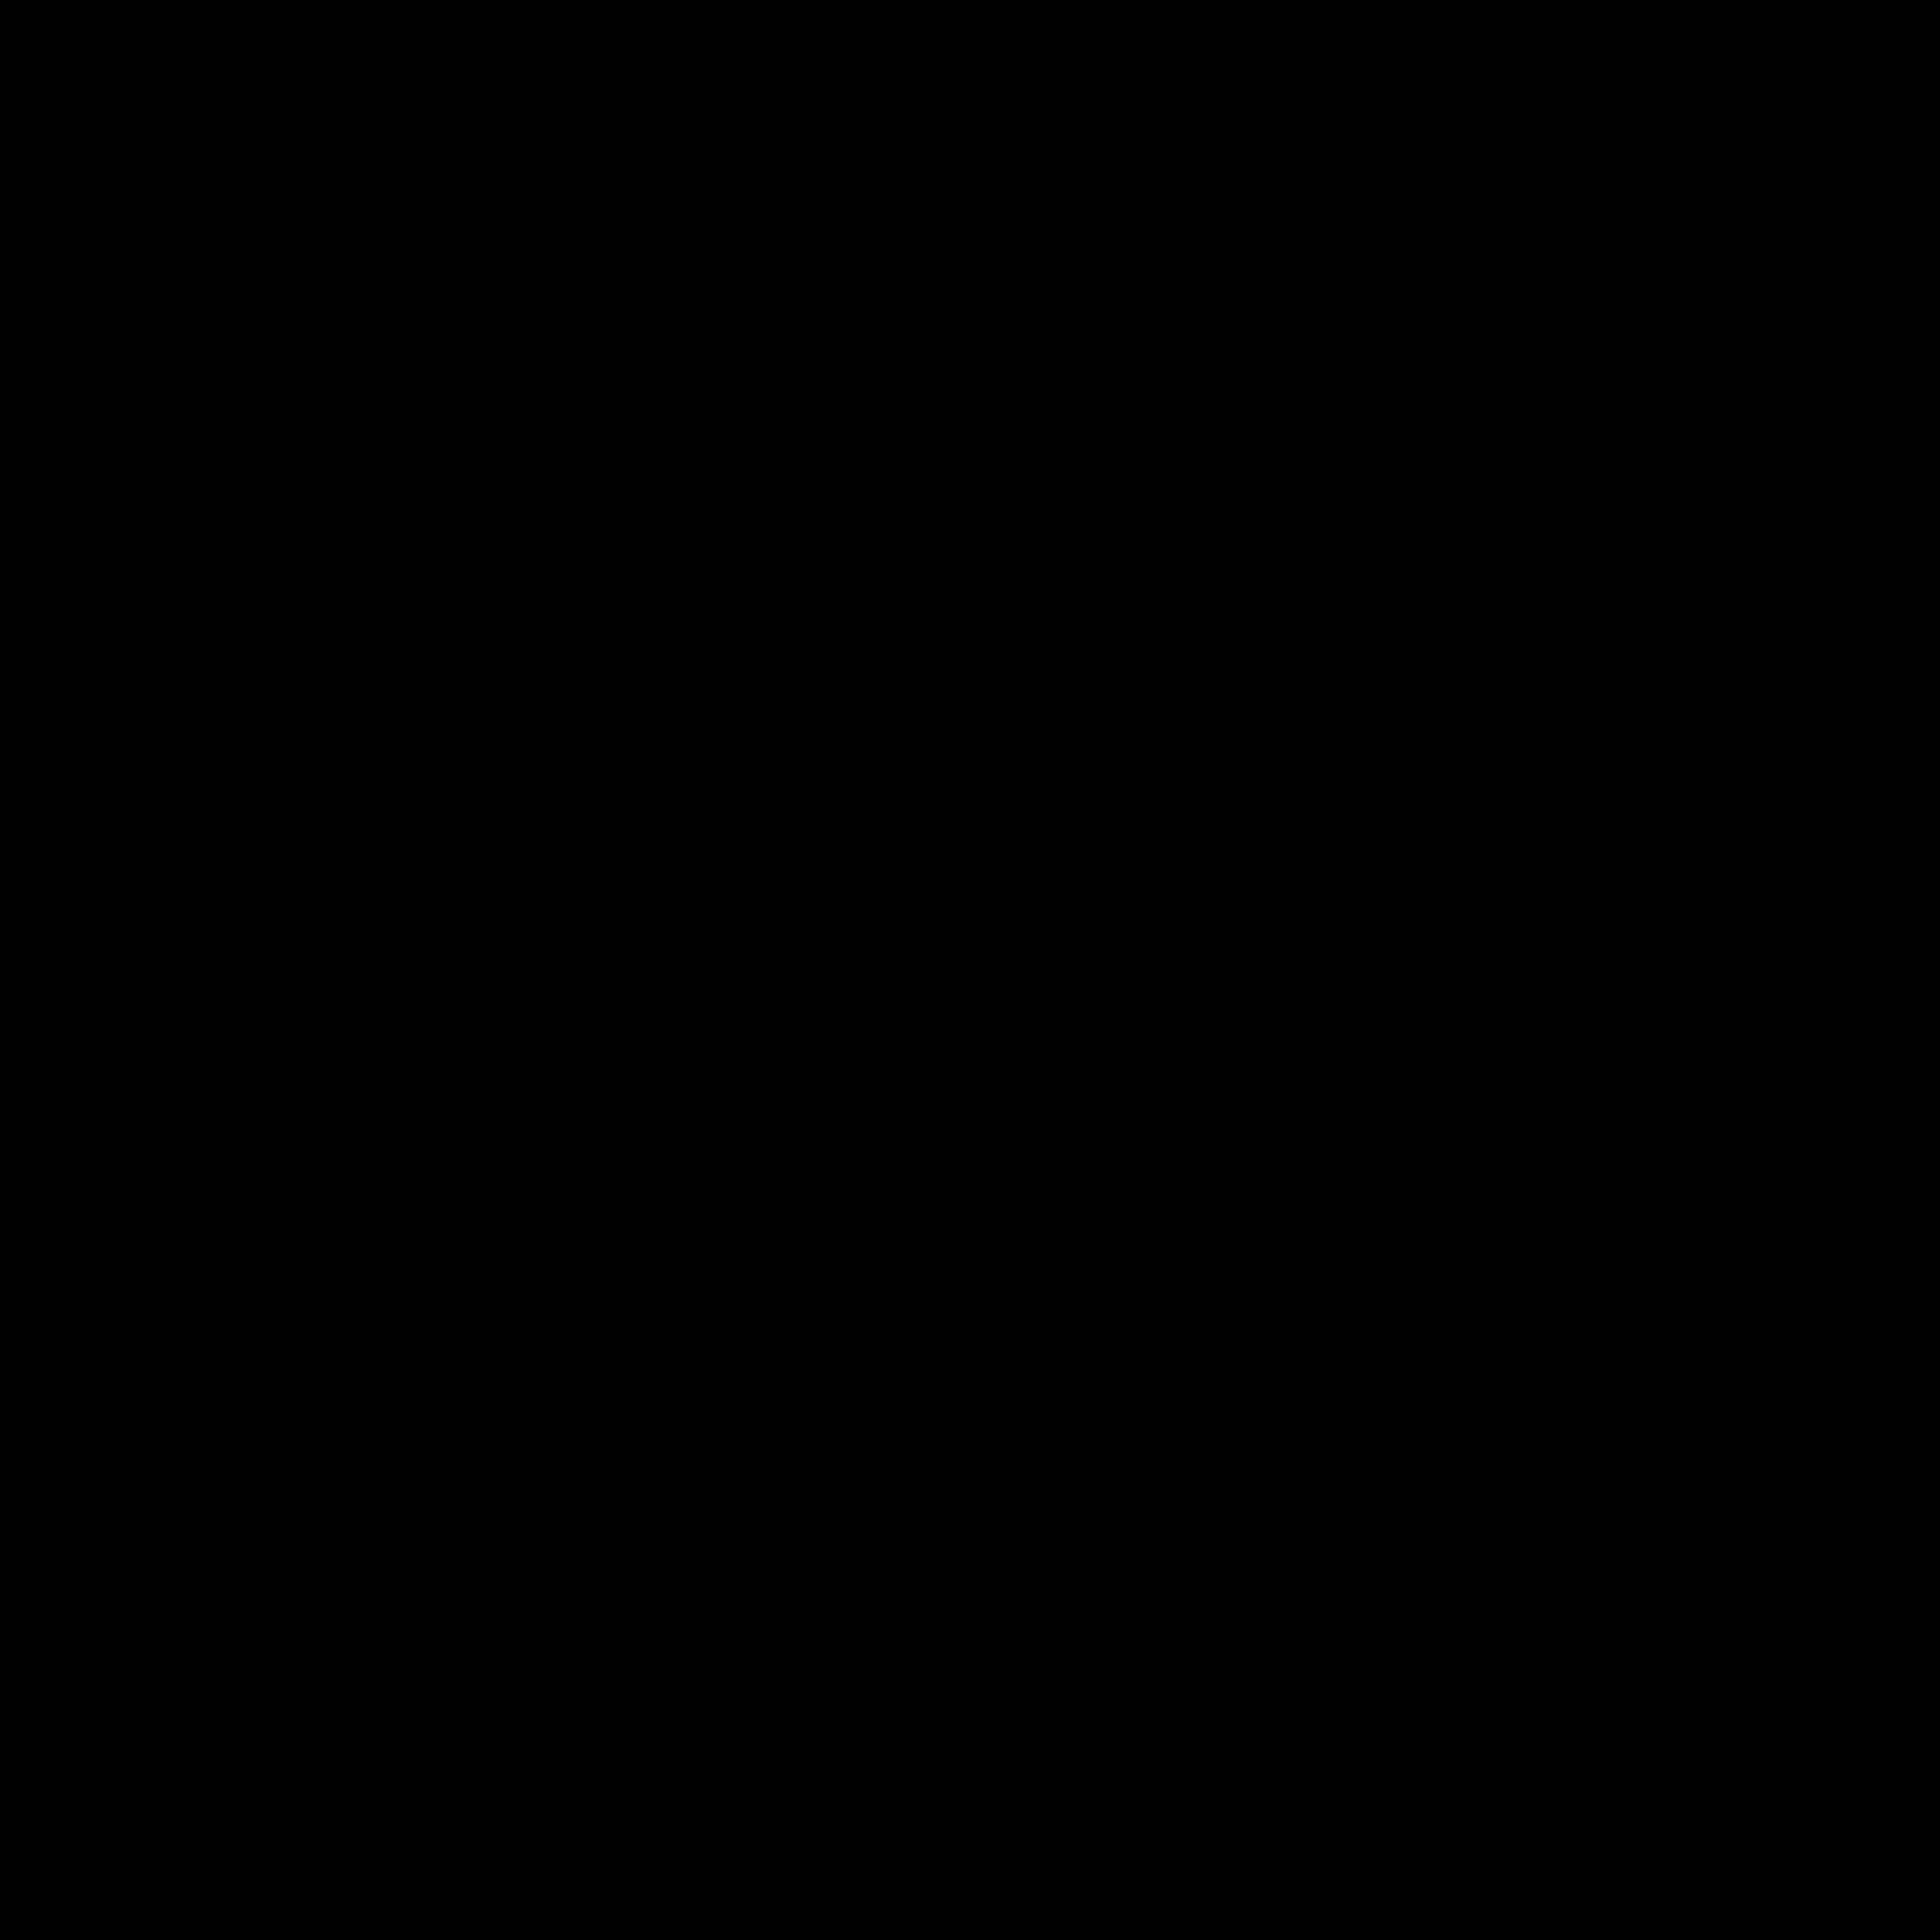 Deloitte Touche Tohmatsu Logo PNG Transparent & SVG Vector